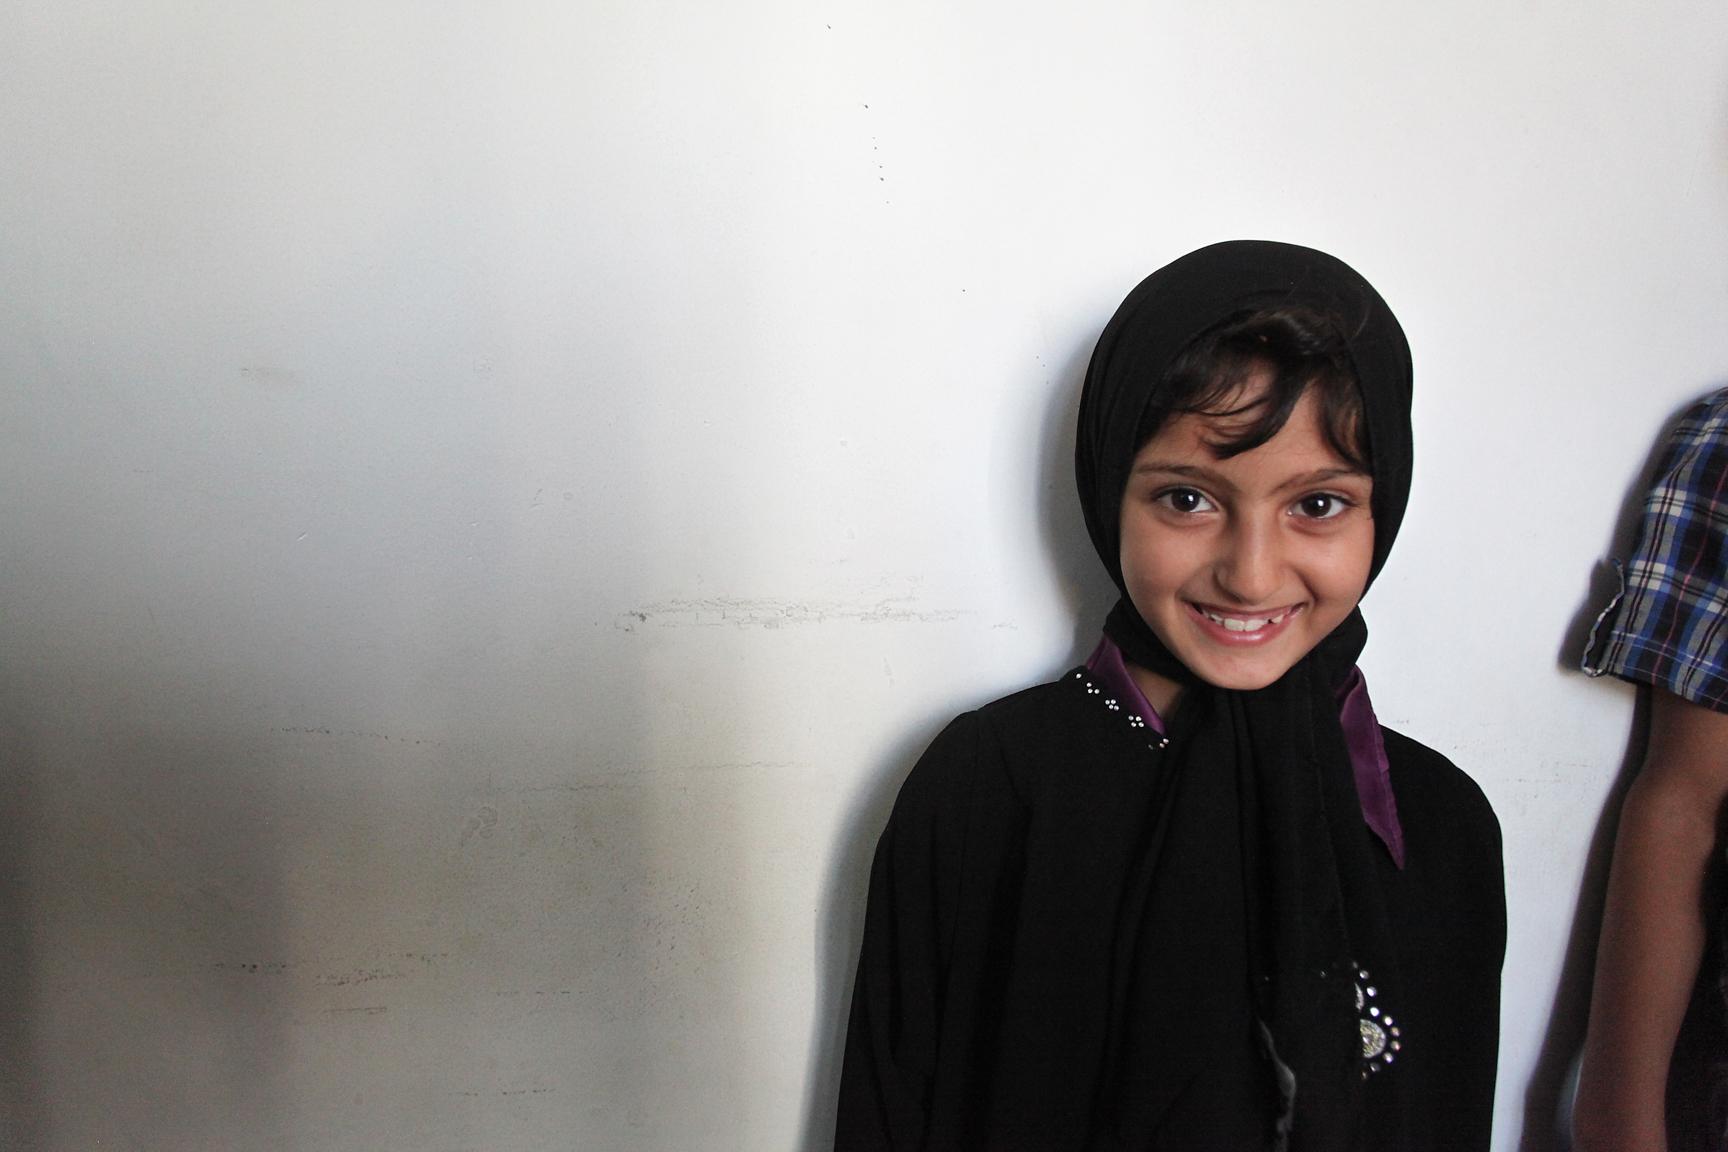 IRAQI CHILD EYES.JPG